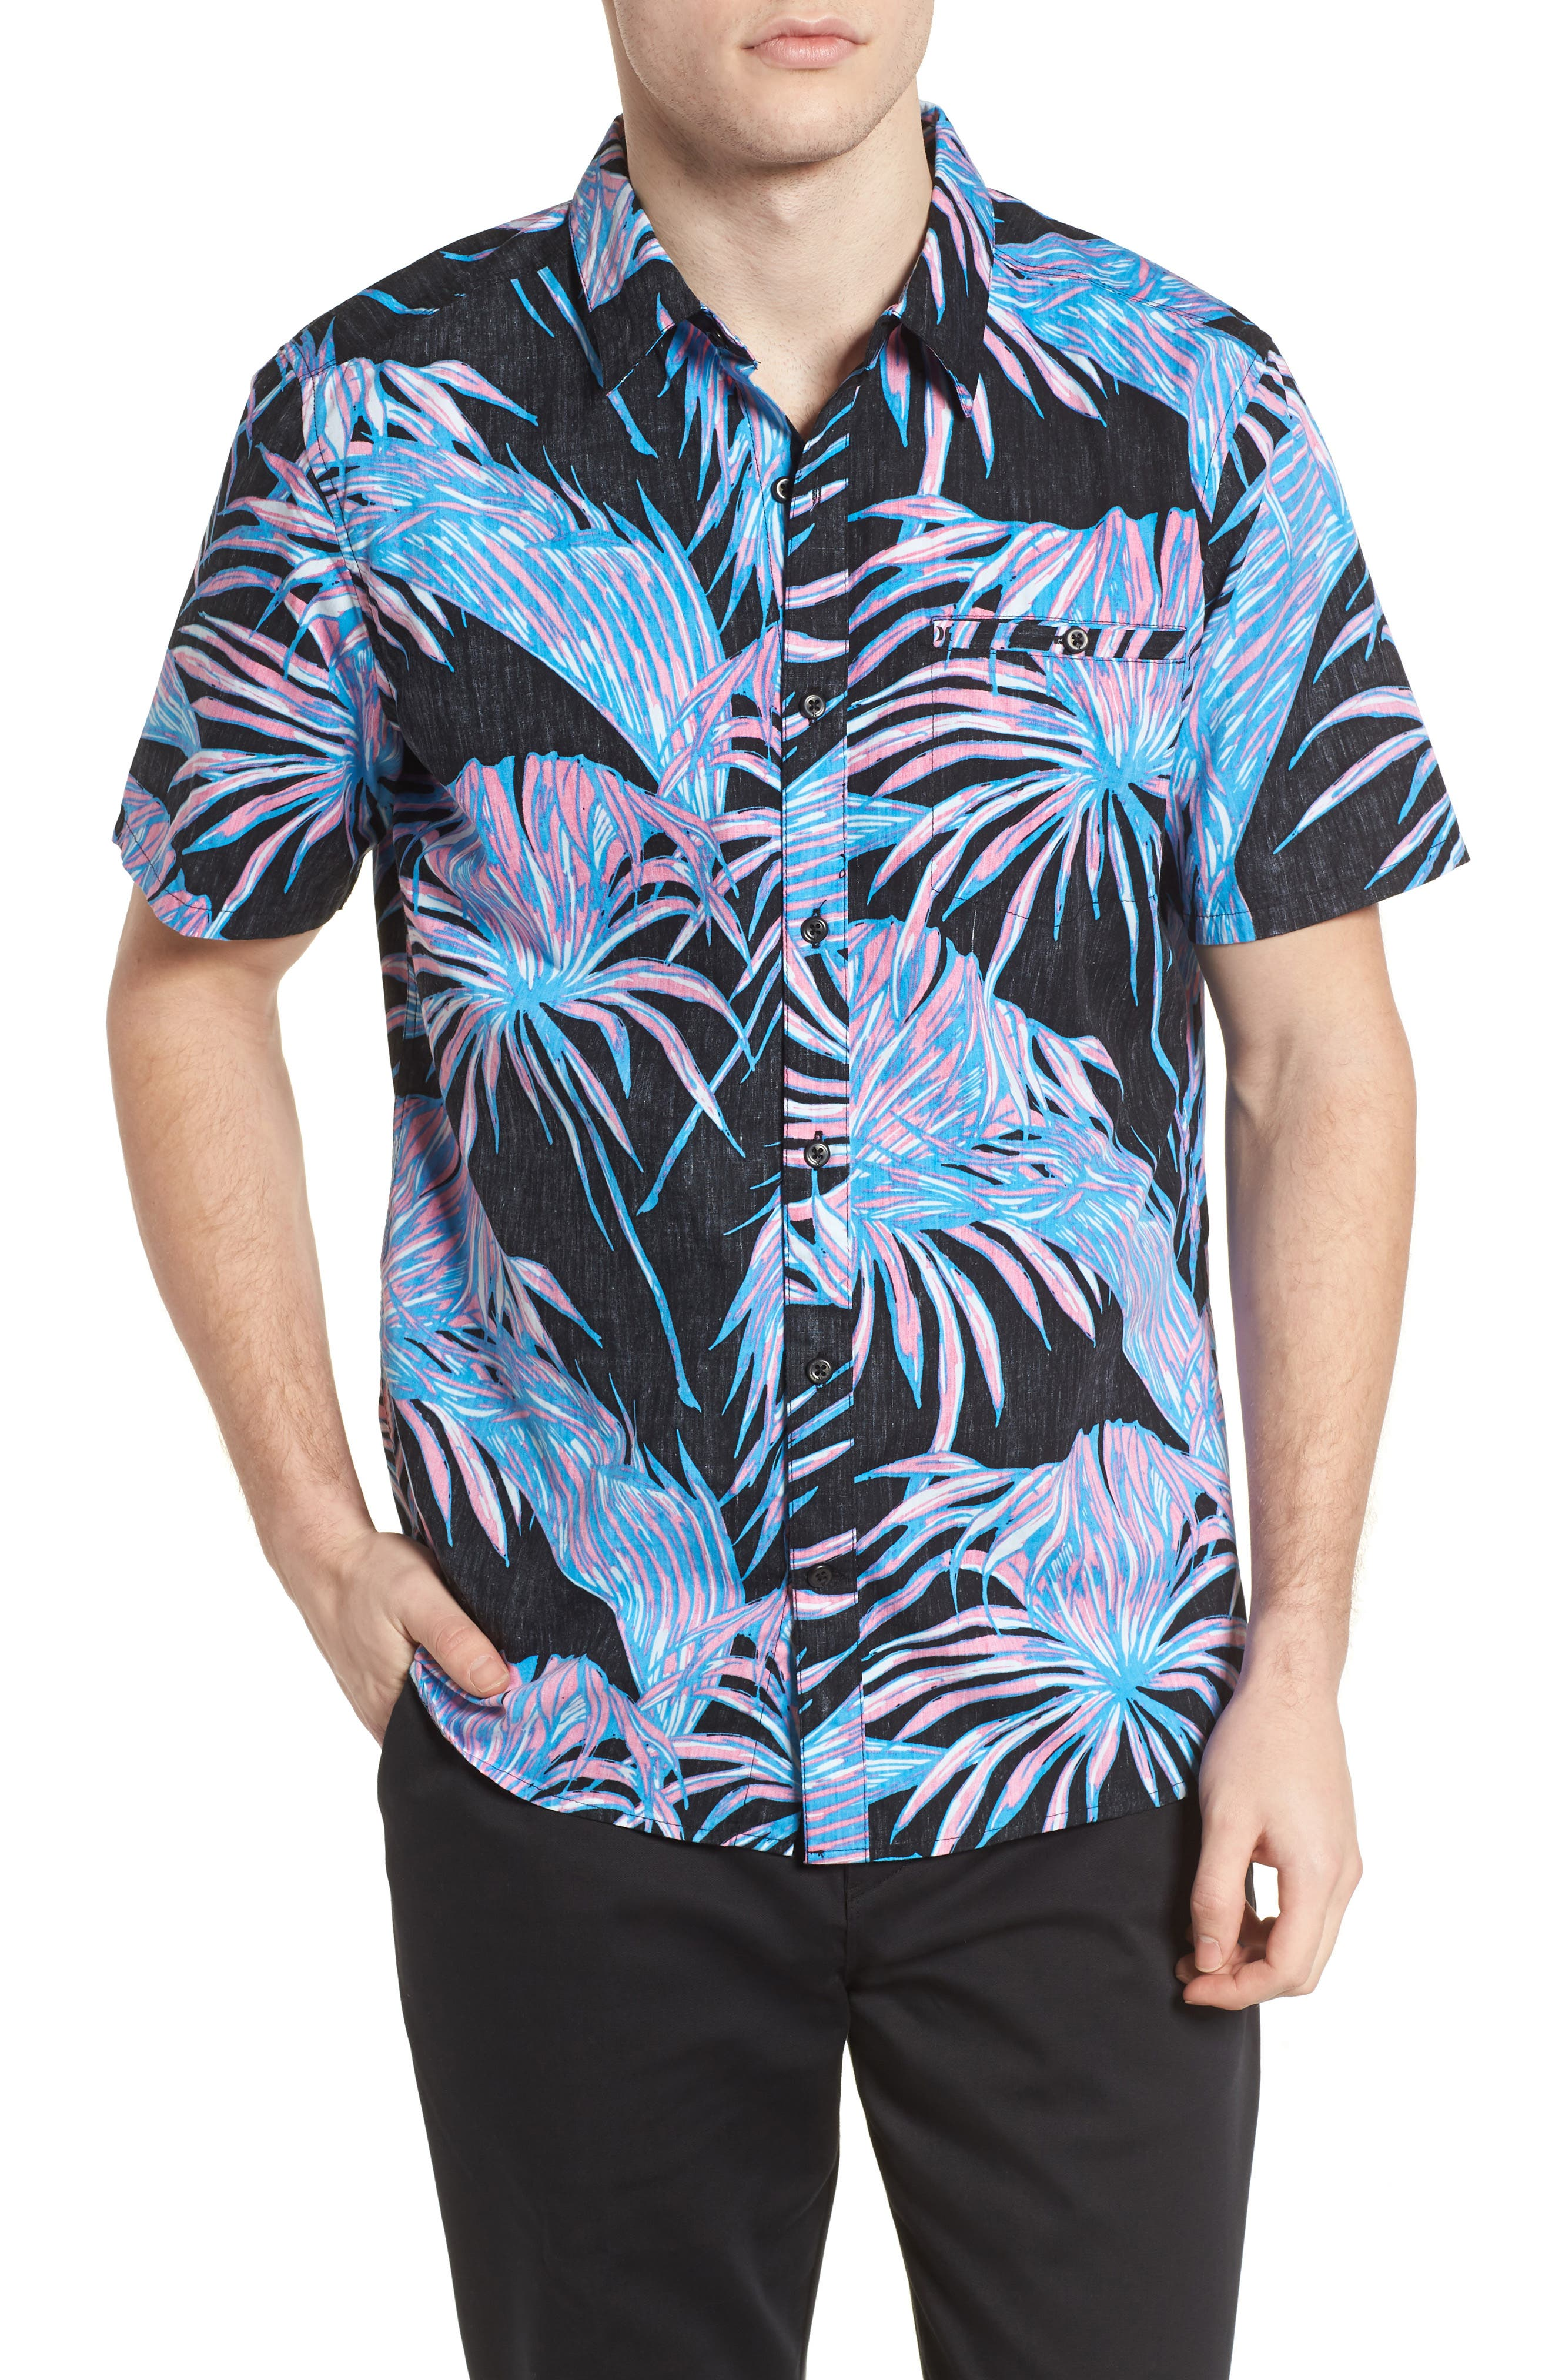 Koko Shirt,                             Main thumbnail 1, color,                             Black